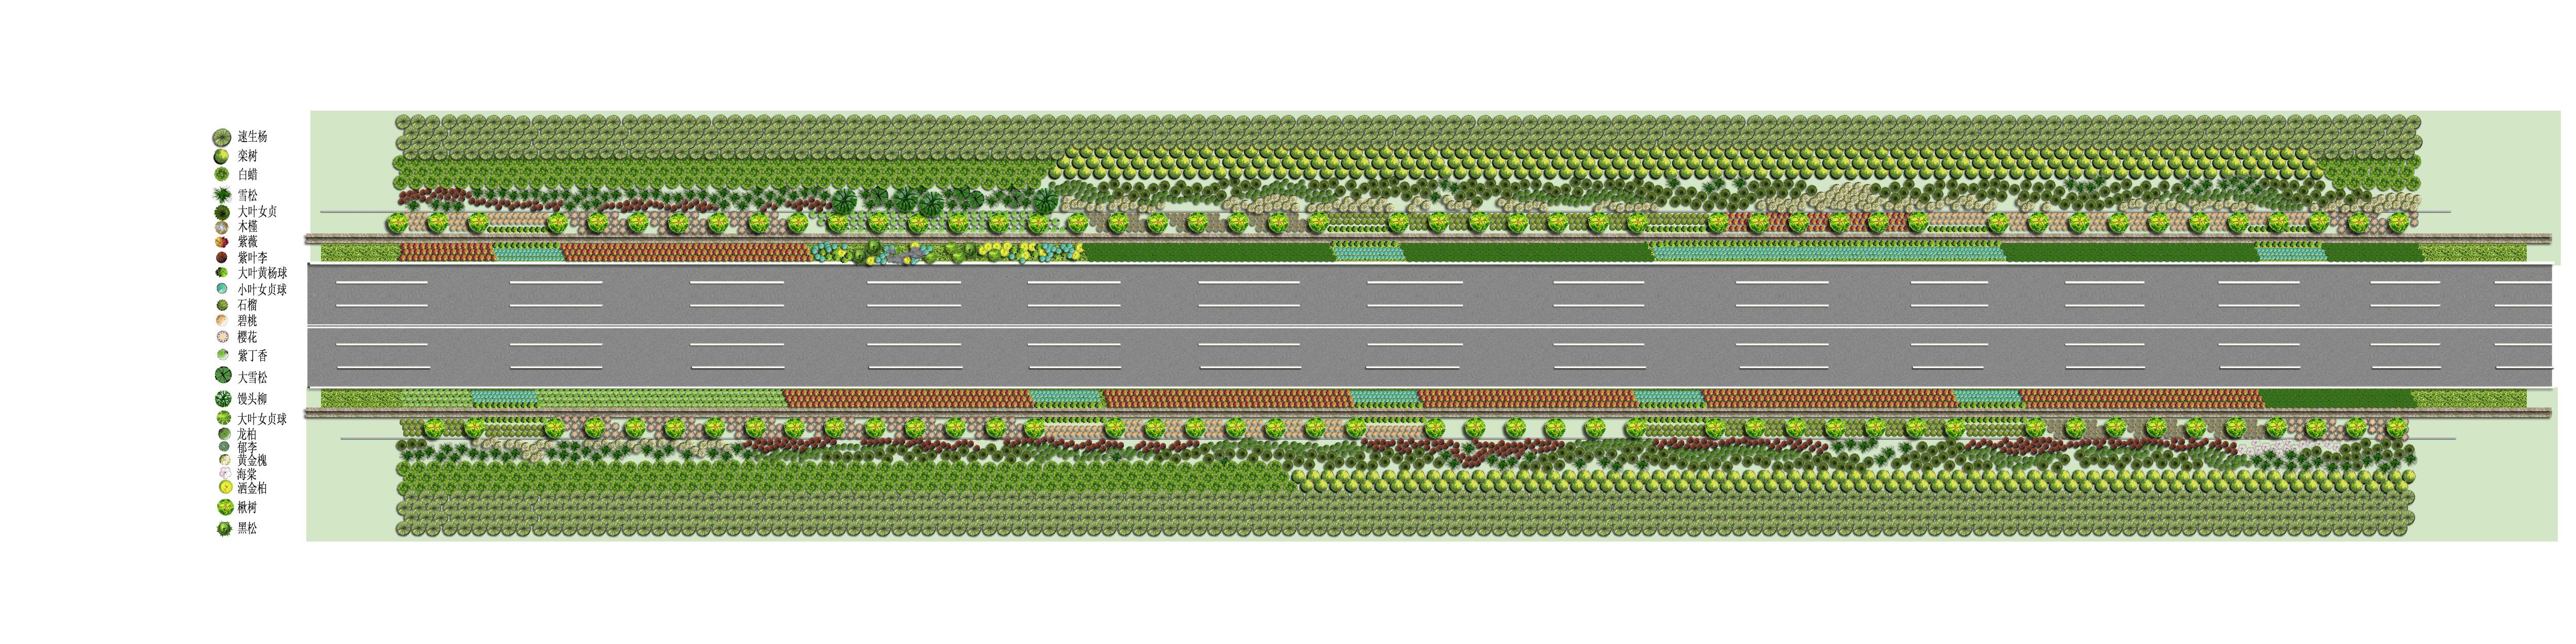 道路设计_cad图纸下载-土木在线